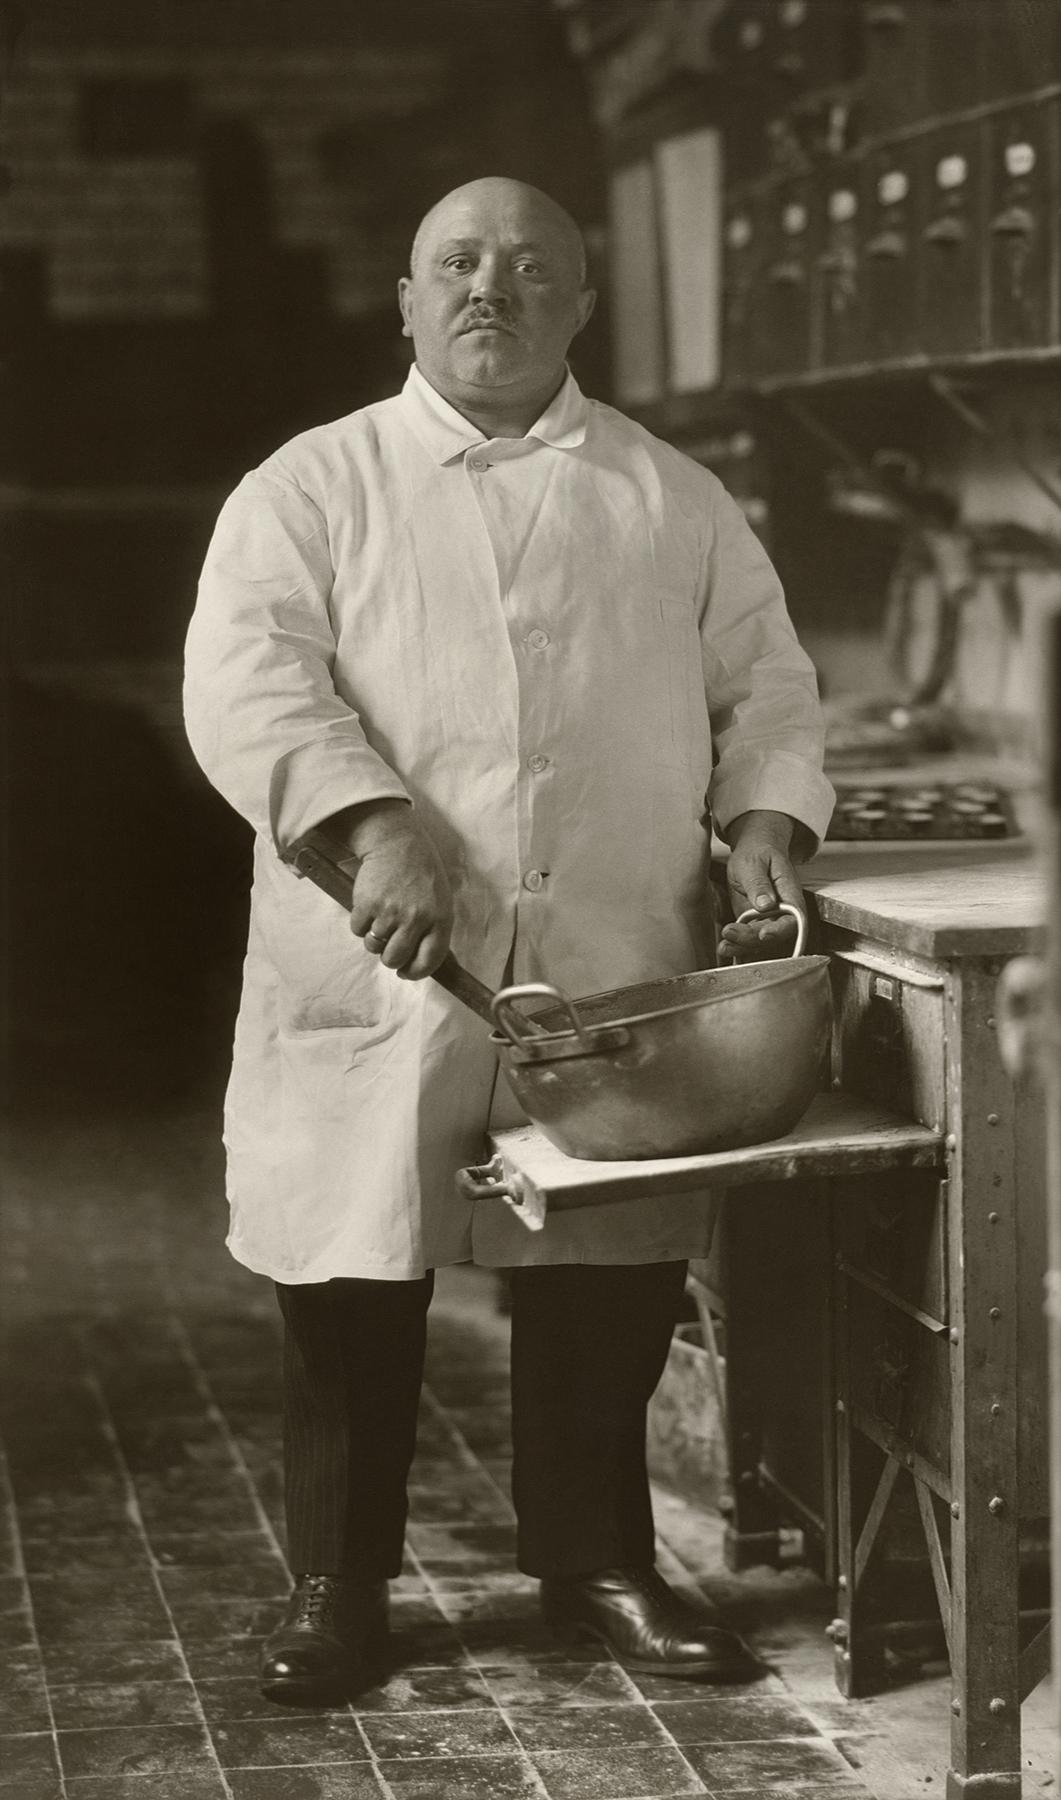 Fotó: August Sander <br />Pastry Cook<br />1928<br />Gelatin silver print<br />© Die Photographische Sammlung/SK Stiftung Kultur – August Sander Archiv; VG Bild-Kunst, 2018